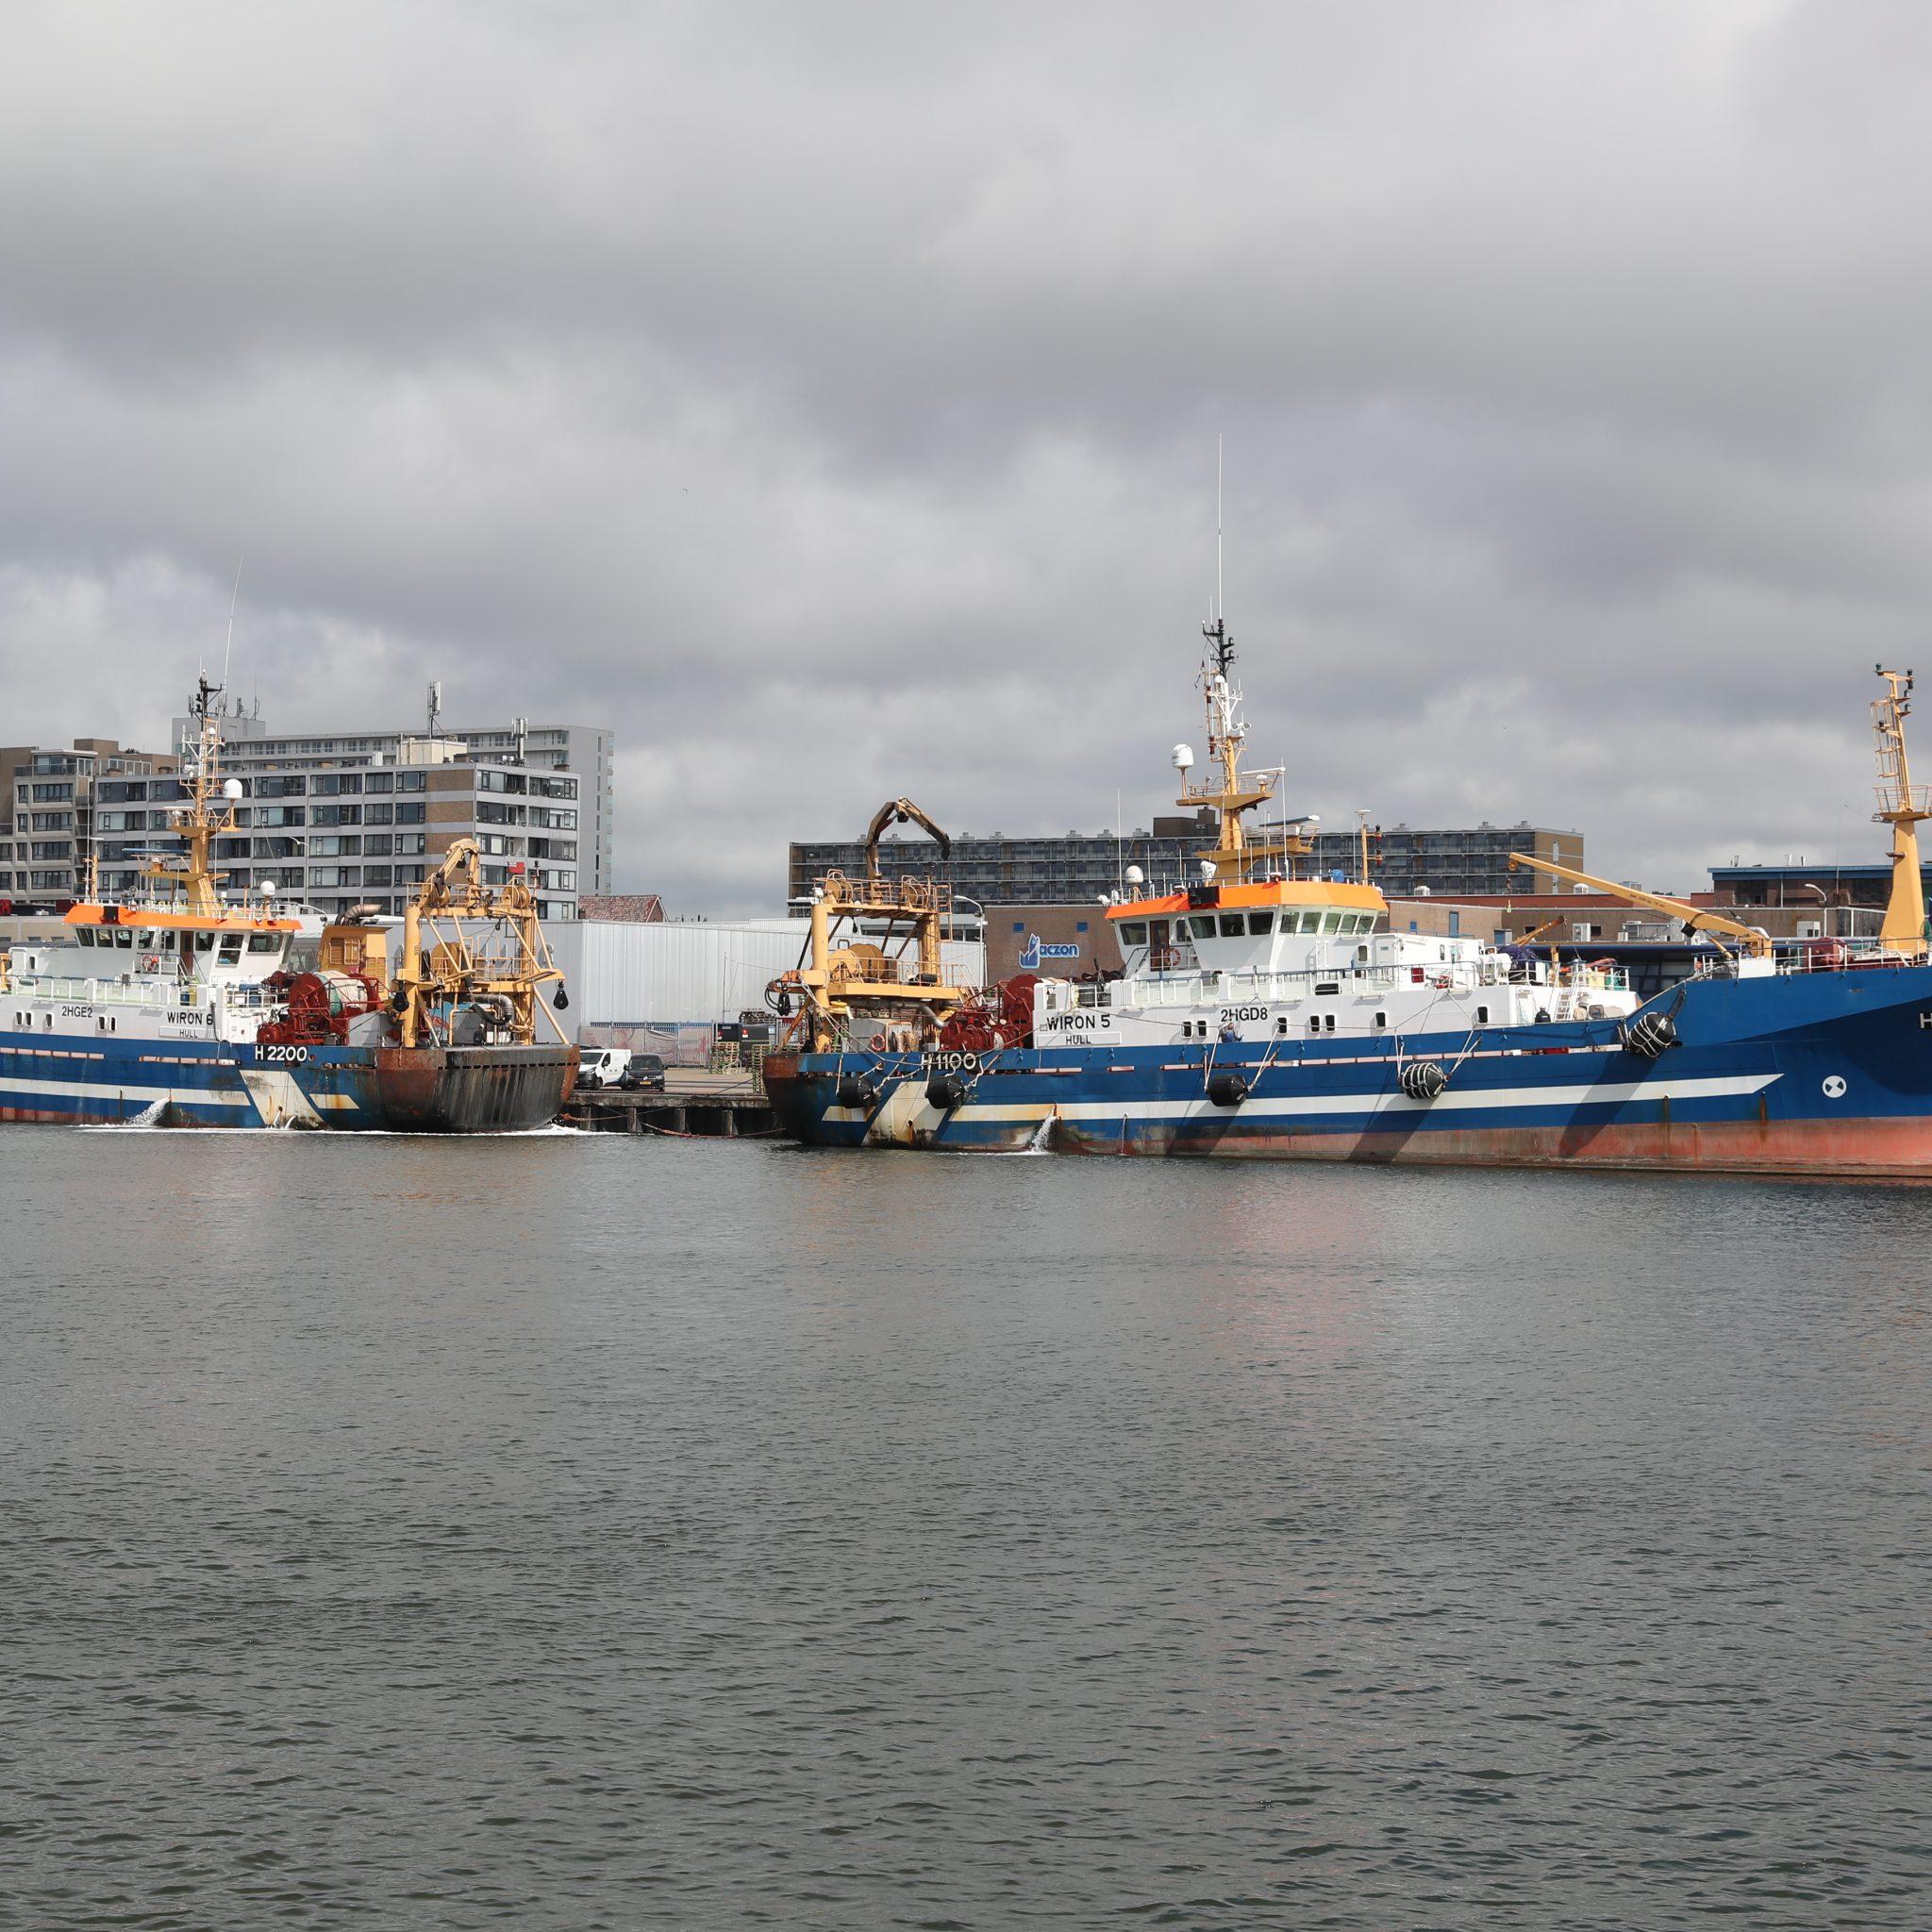 De H-1100 en H-2200 voor het kantoor van Jaczon in Scheveningen. (Foto Bram Pronk)